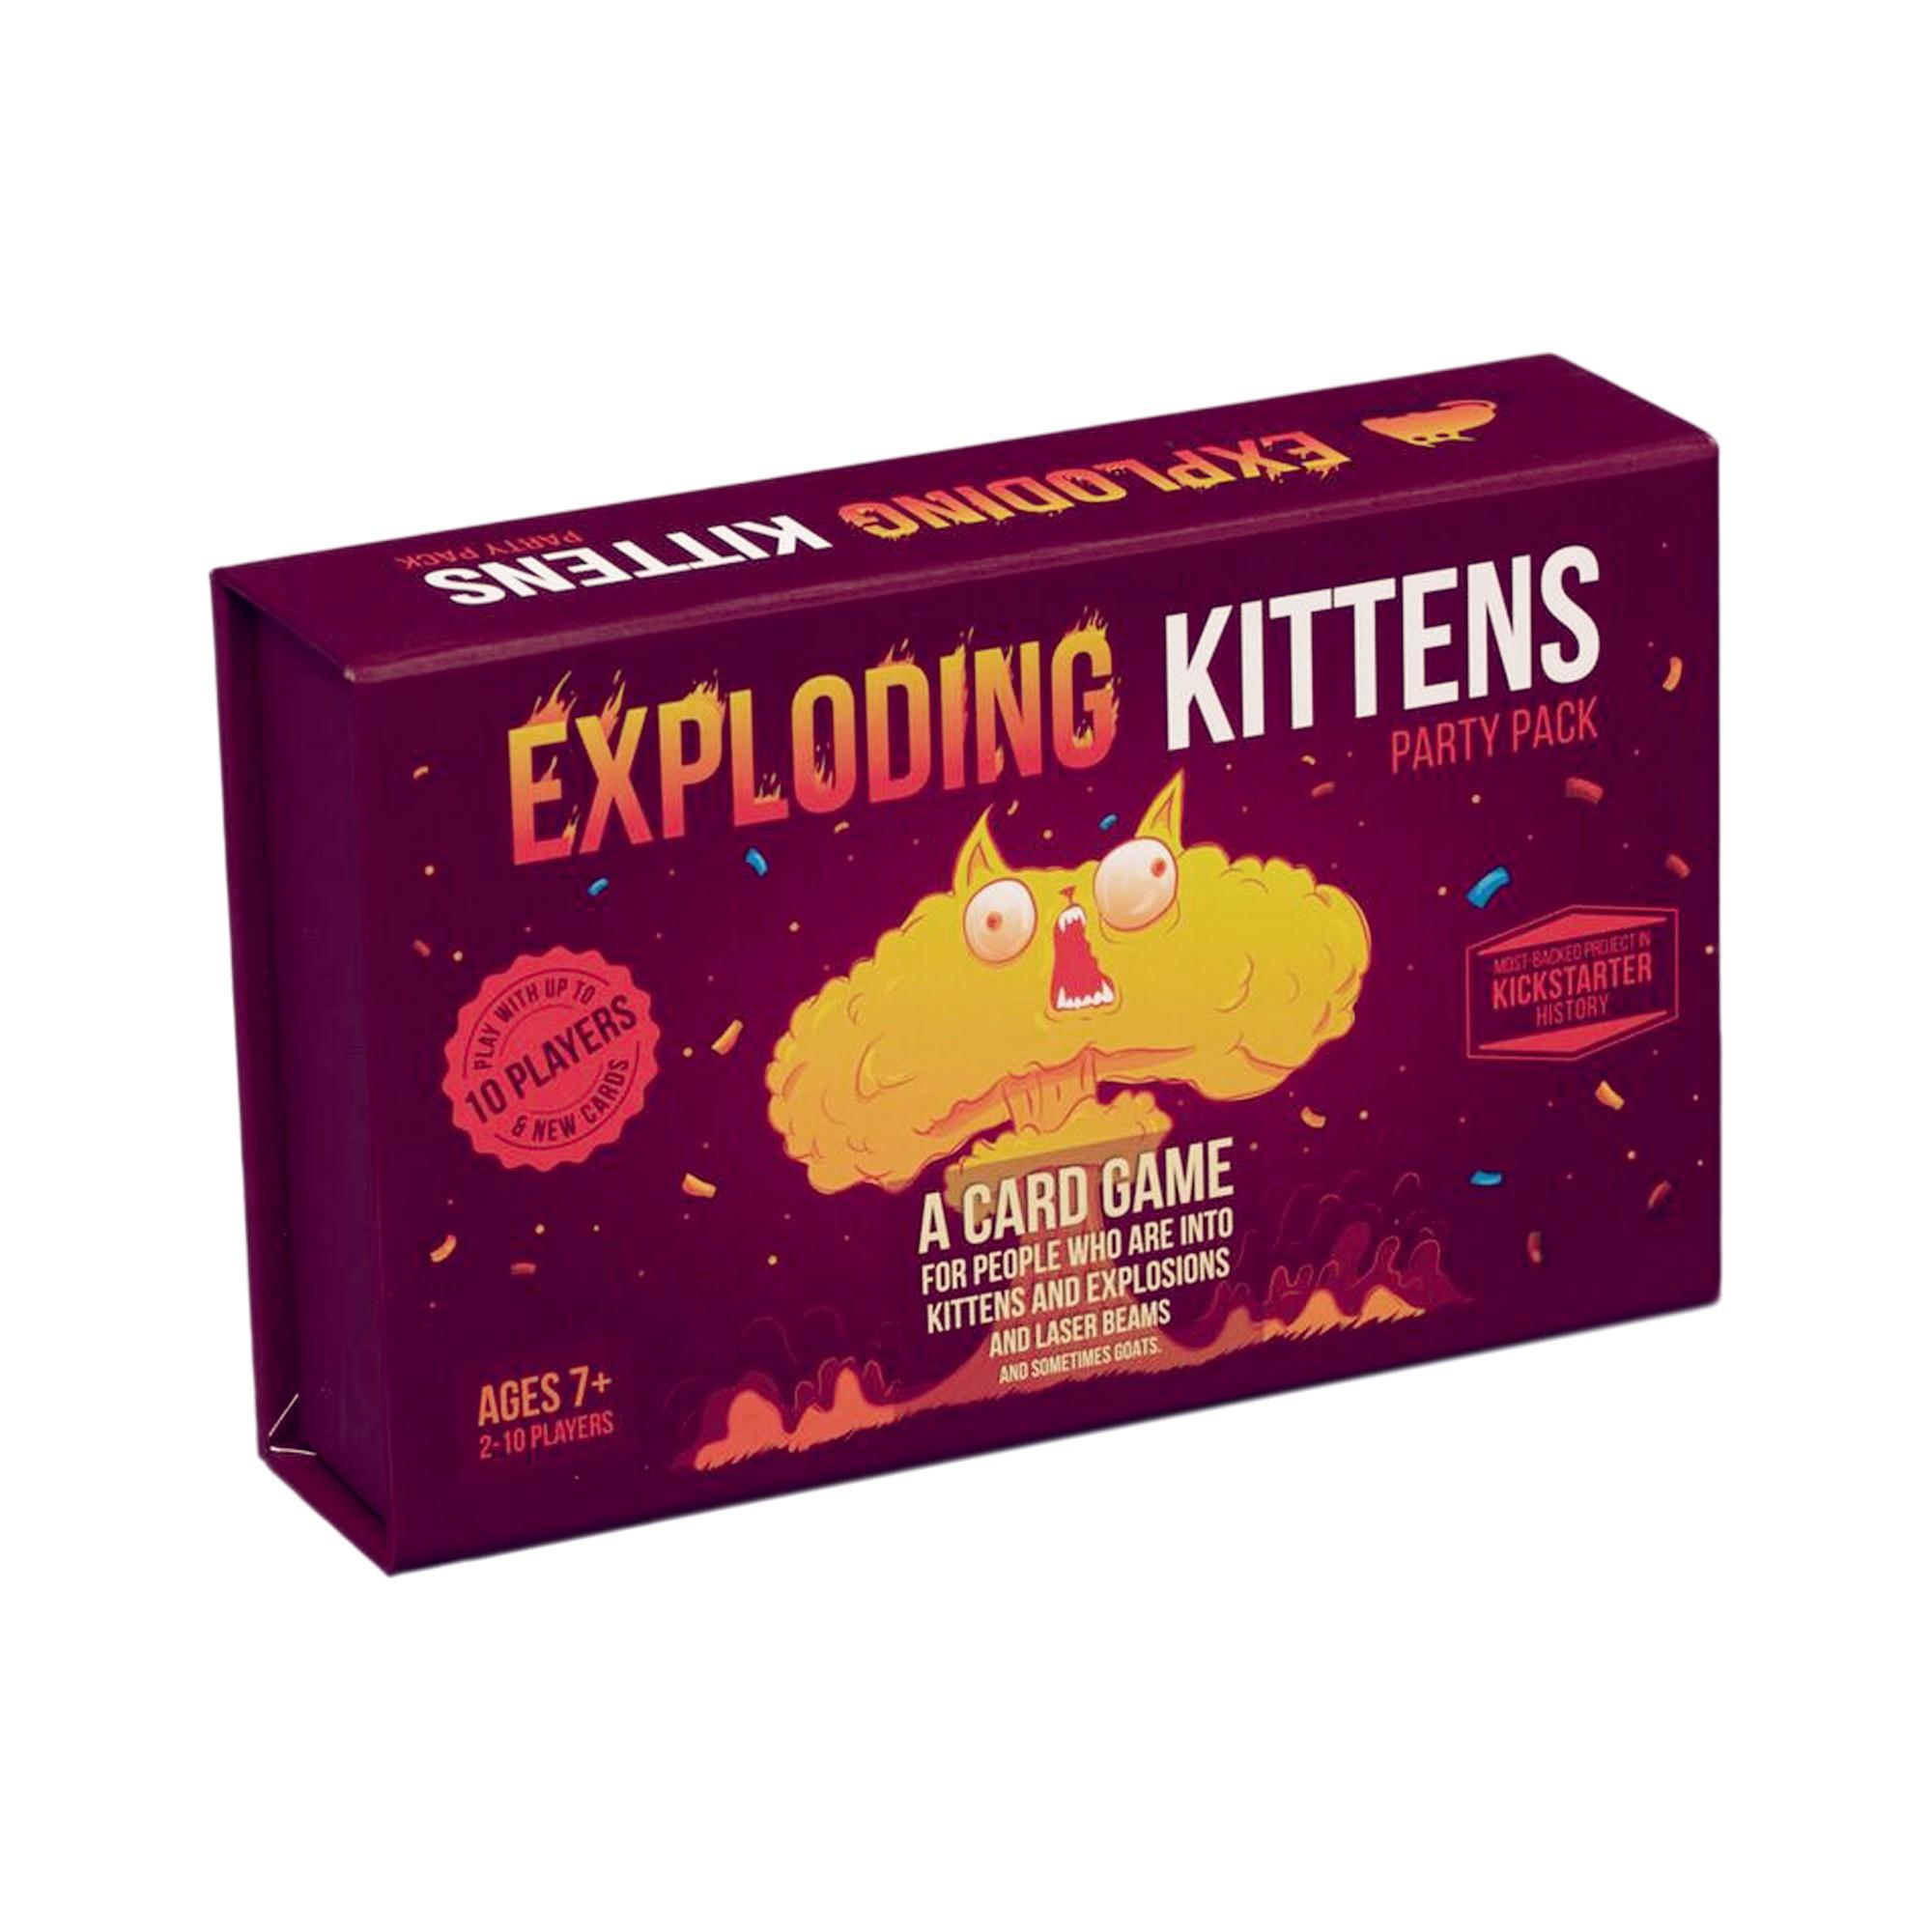 Exploding Kittens Party Pack Game Exploding Kittens Kitten